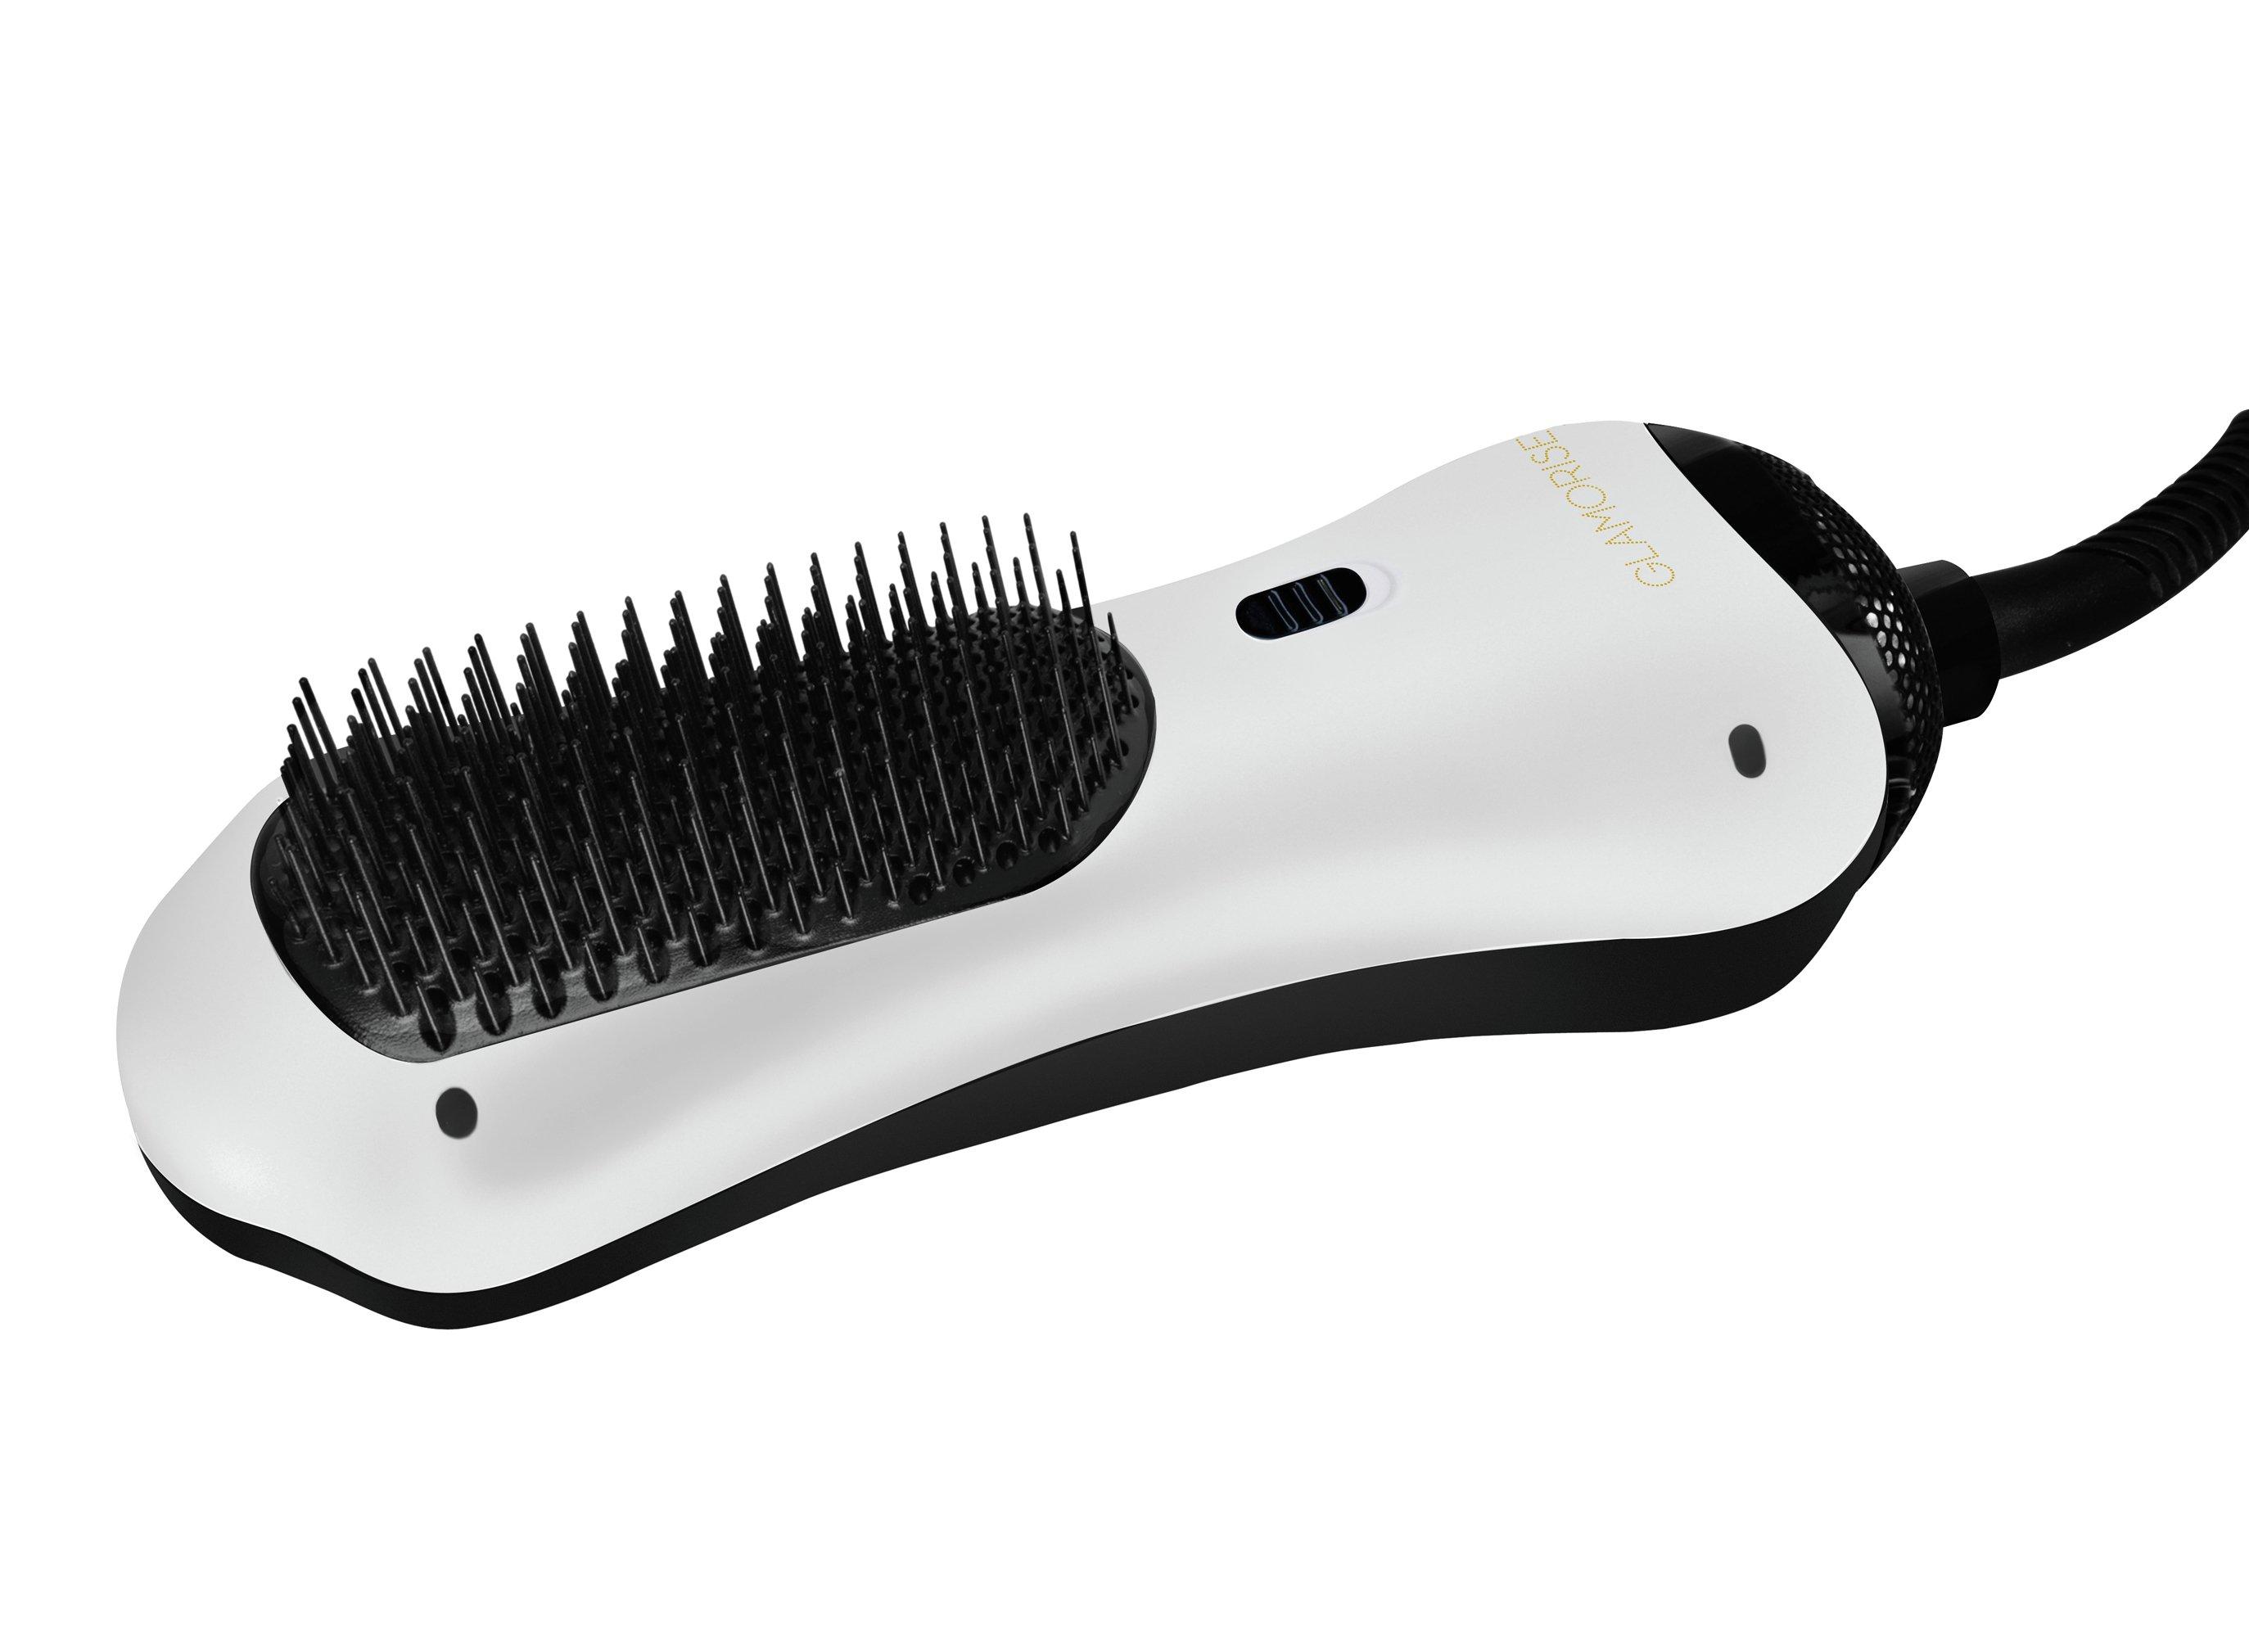 SALE On Glamoriser 450W Detangle And Dry Hair Dryer